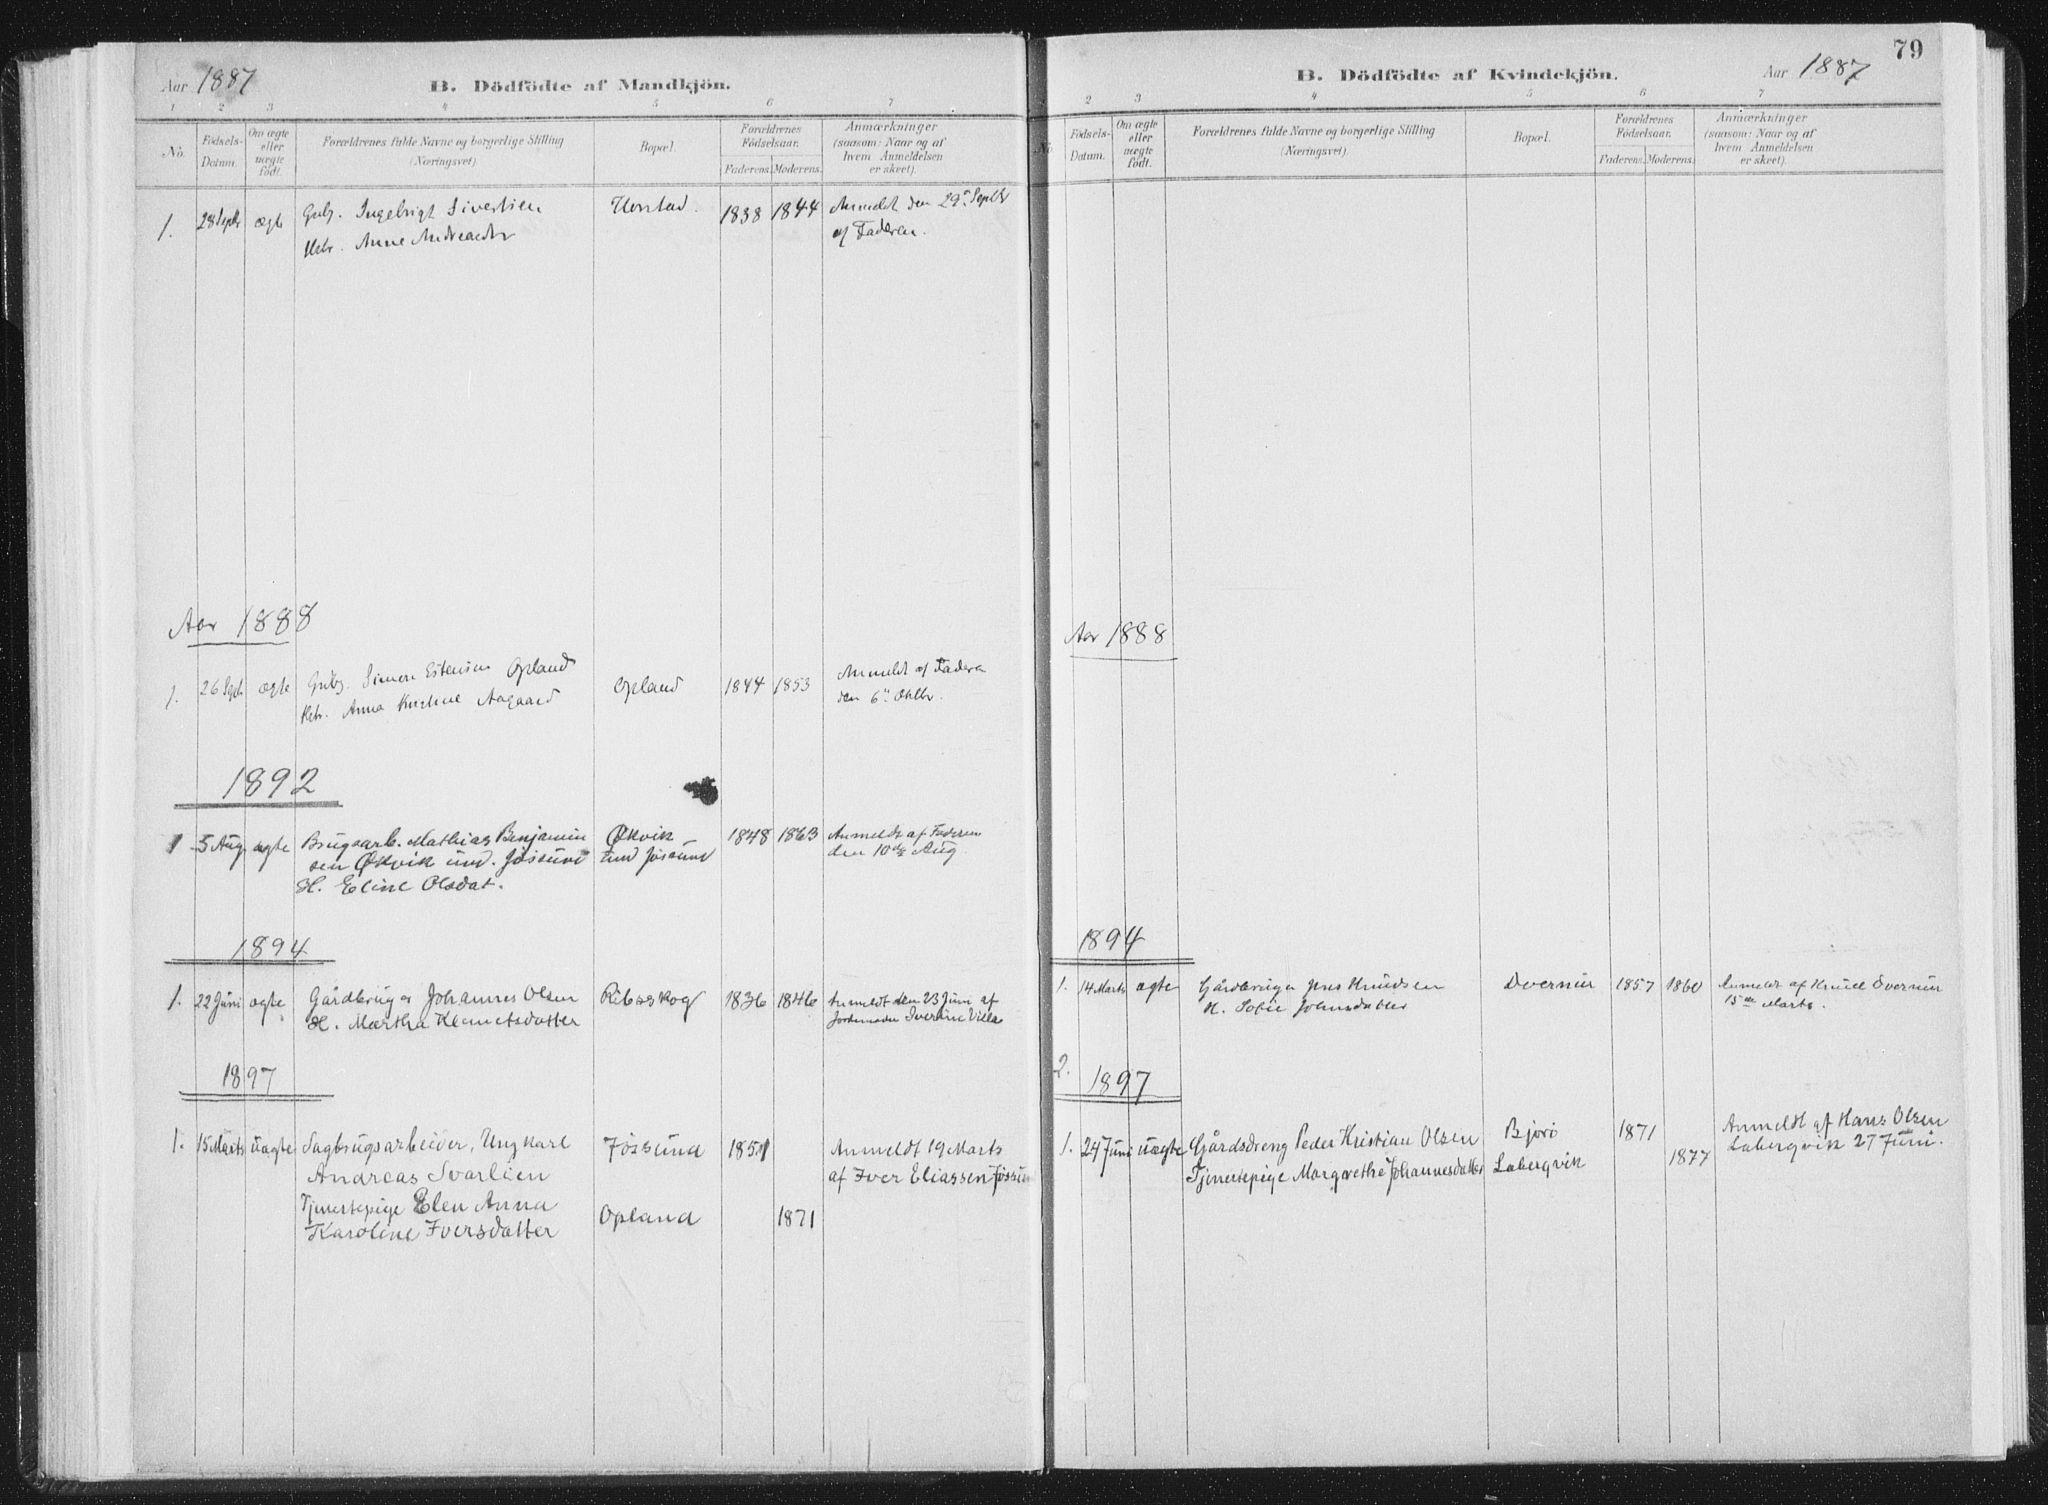 SAT, Ministerialprotokoller, klokkerbøker og fødselsregistre - Nord-Trøndelag, 771/L0597: Ministerialbok nr. 771A04, 1885-1910, s. 79